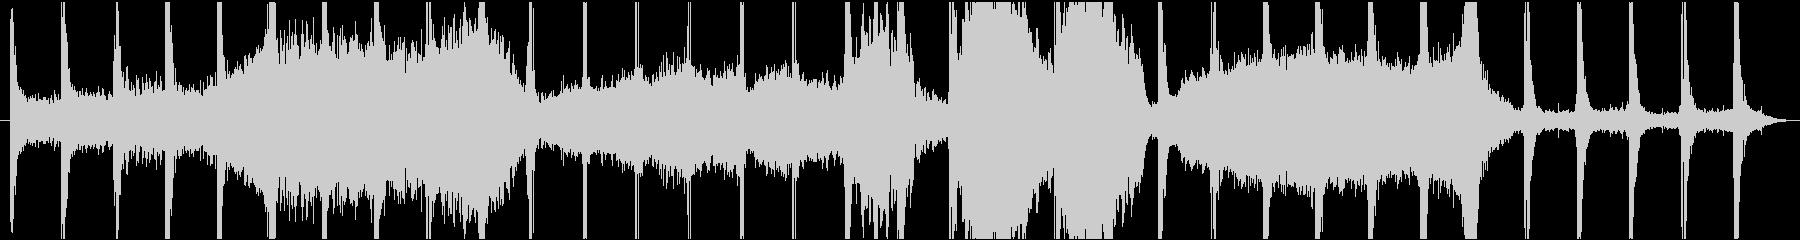 エレクトロ 交響曲 アンビエント ...の未再生の波形